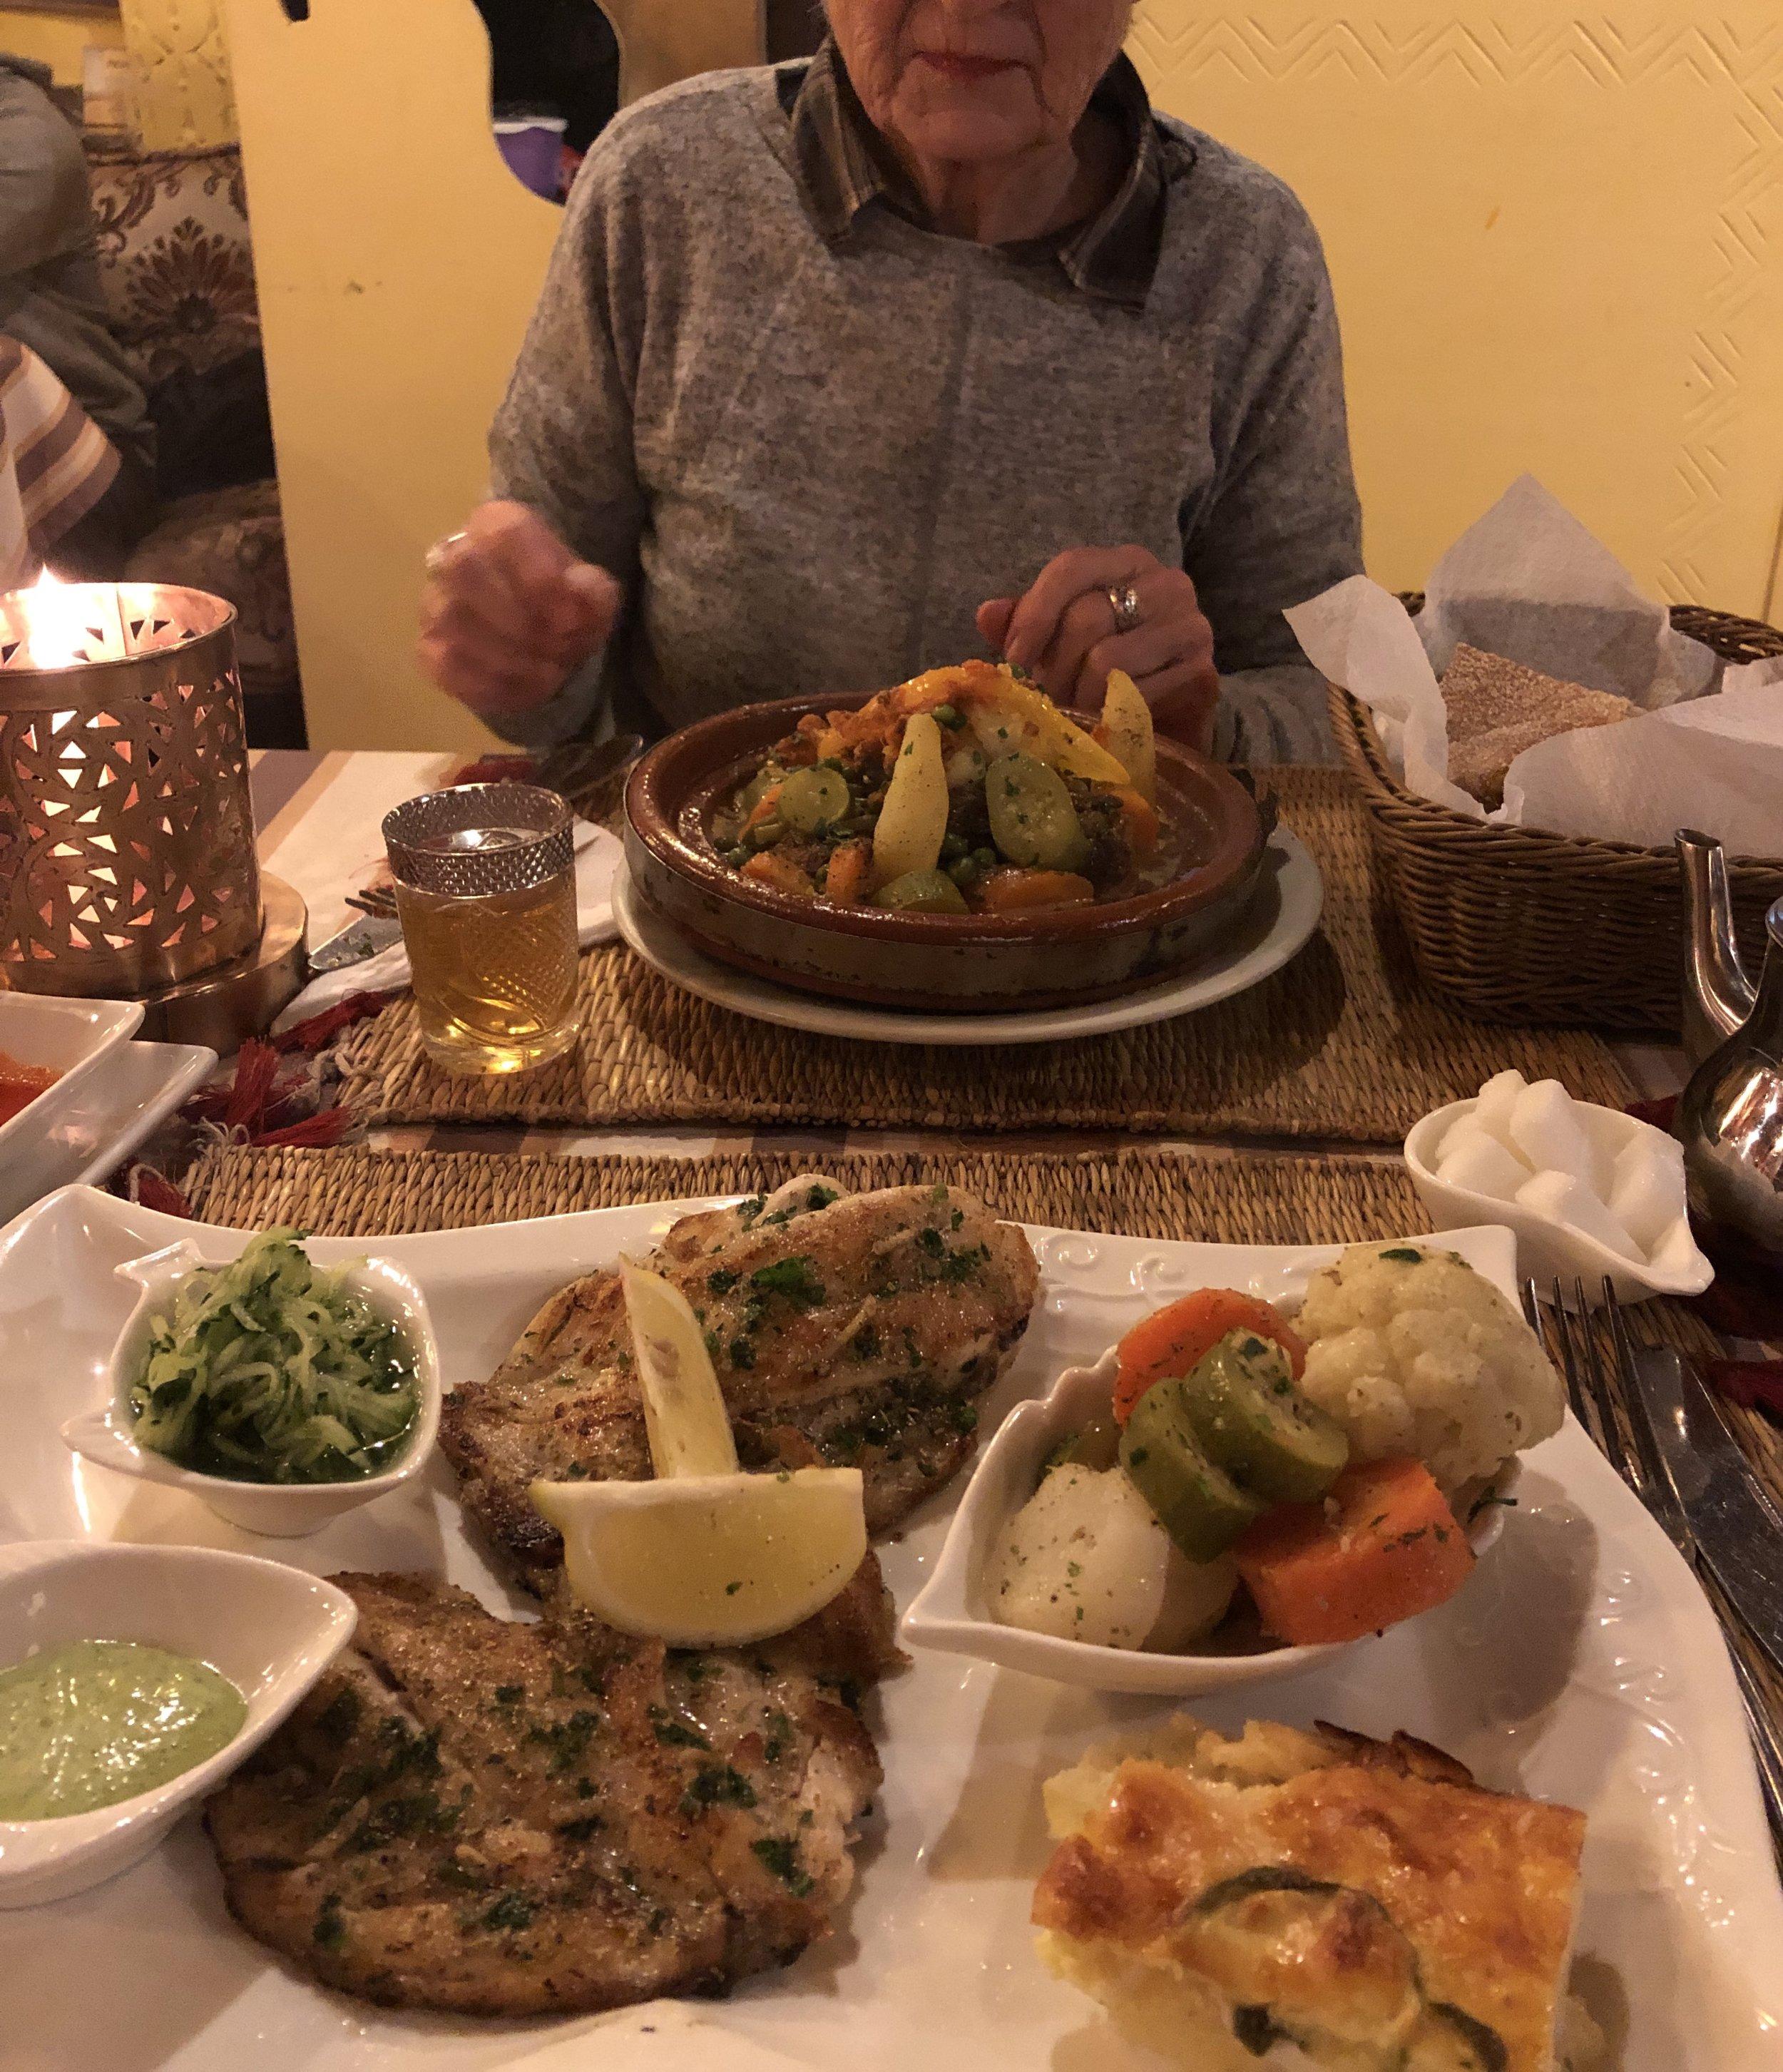 お友達になったNovaとエッサウィラ最後のディナー。彼女が選んだのは お肉のタジン。   私は魚のグリル。 モロッコ風にマリネした魚を焼いたもの。美味しかった。